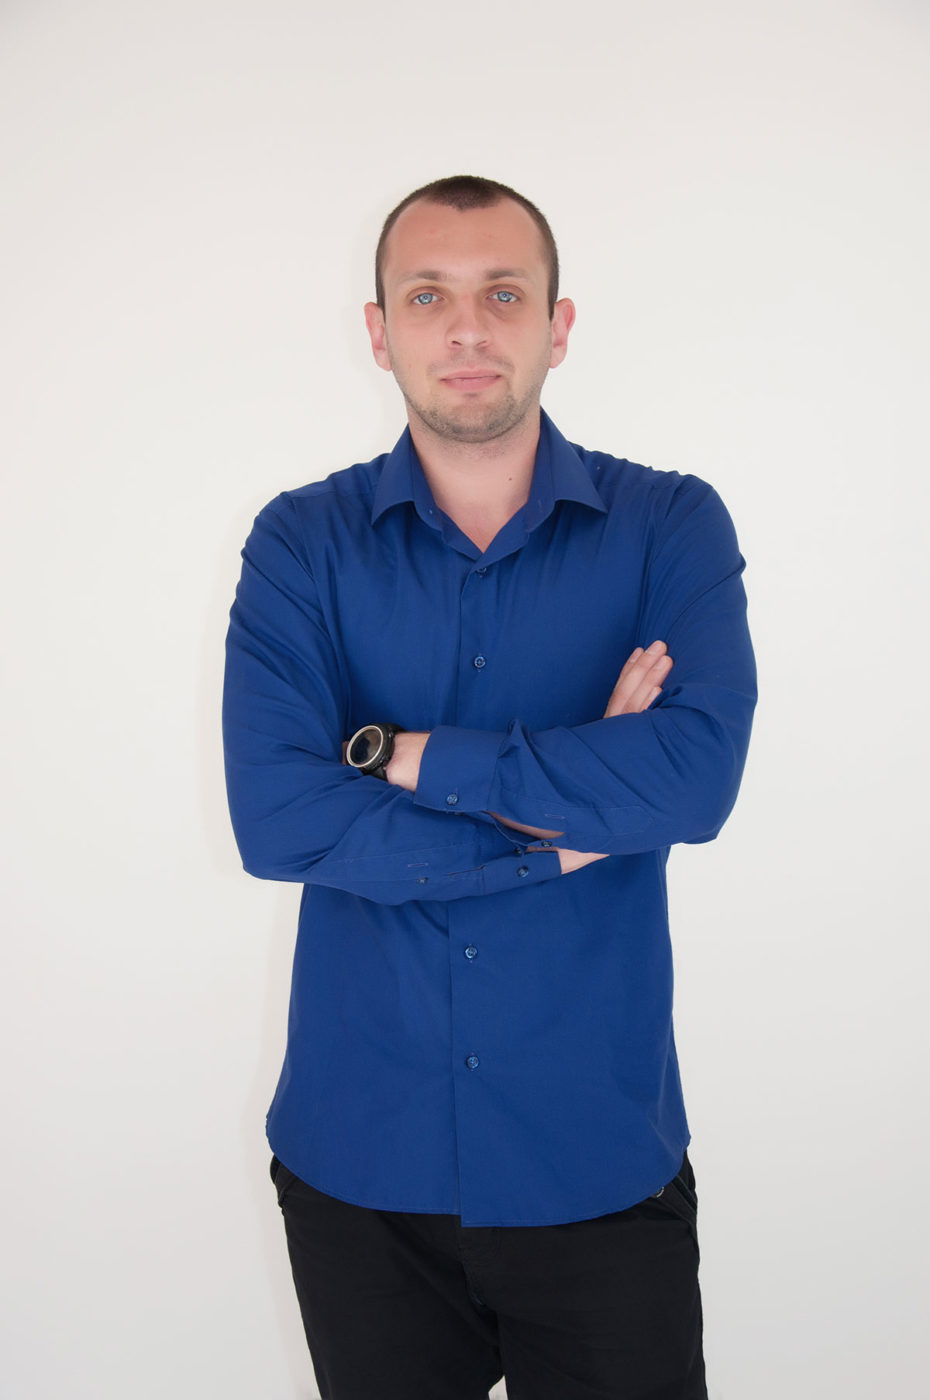 Шрамко Євгеній Олександрович